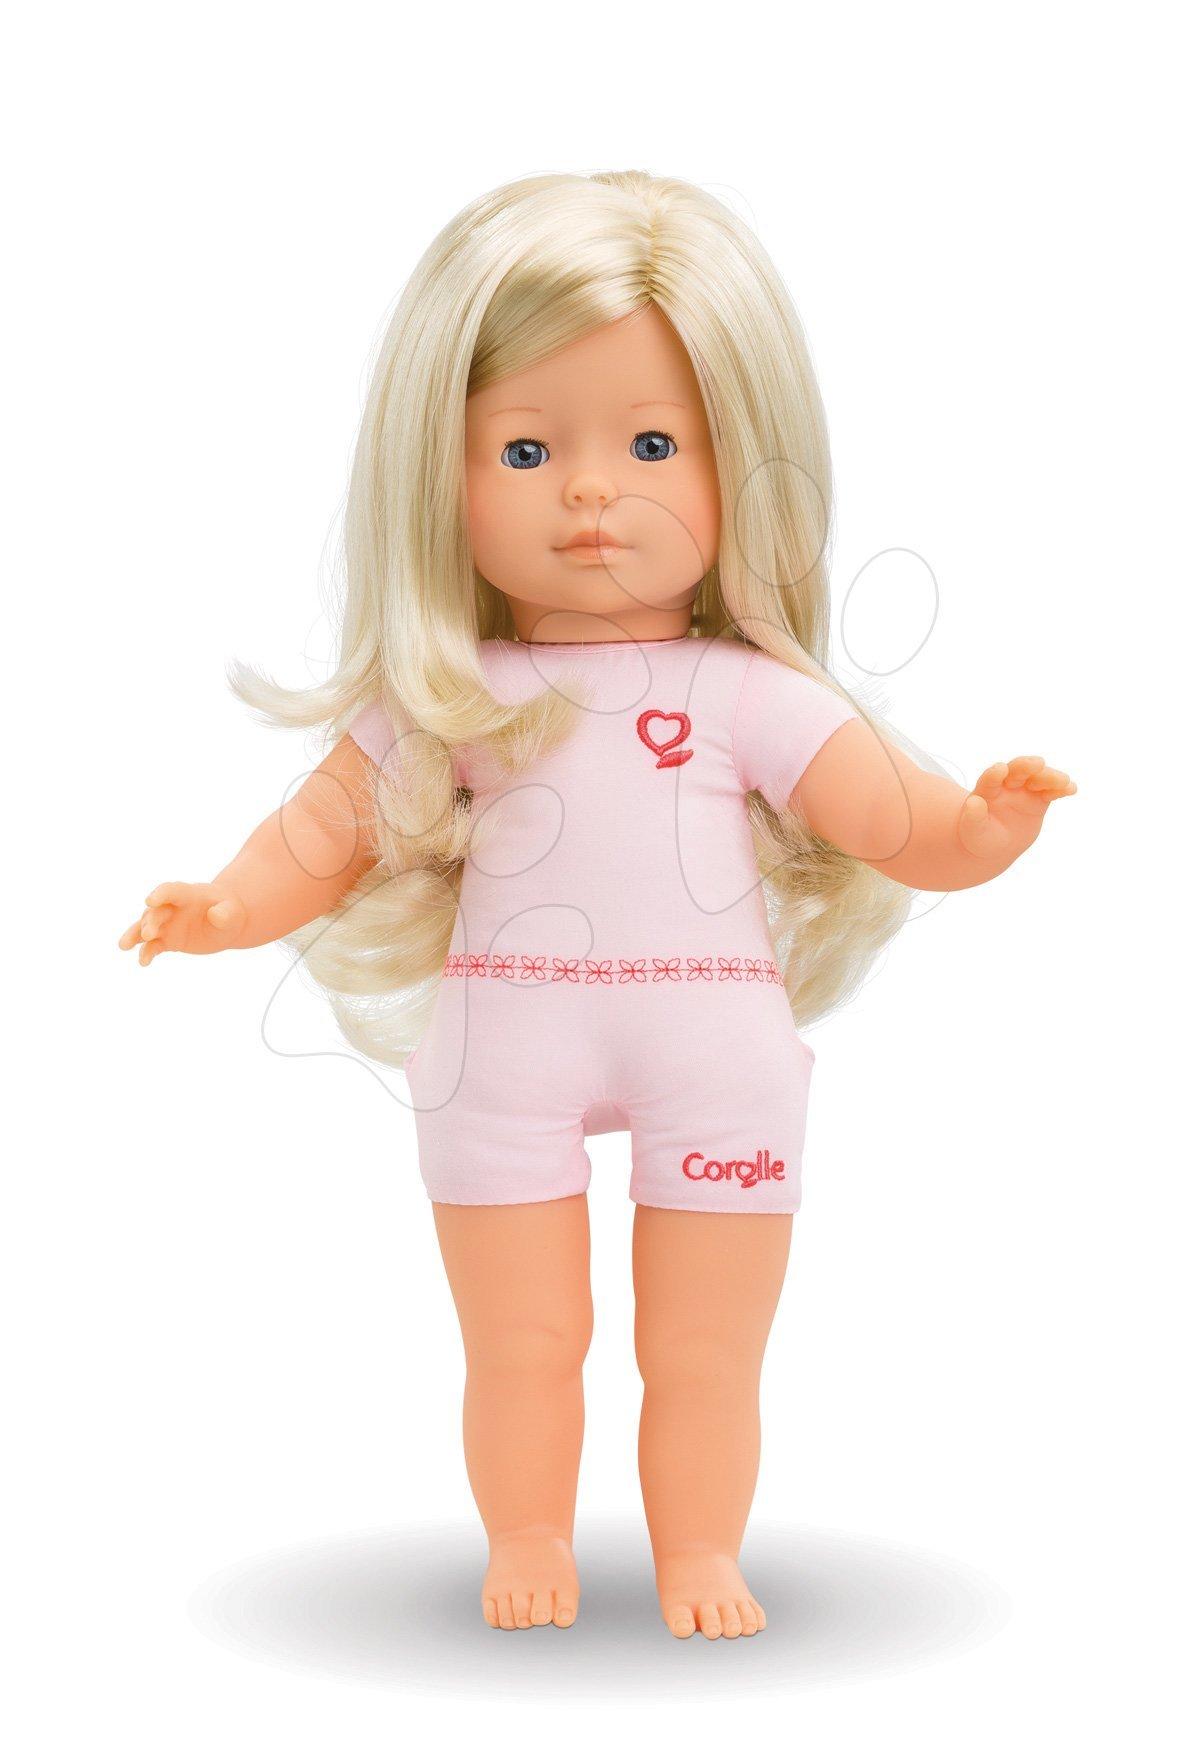 Bábika na obliekanie Paloma Ma Corolle dlhé blond vlasy a modré klipkajúce oči 36 cm od 4 rokov